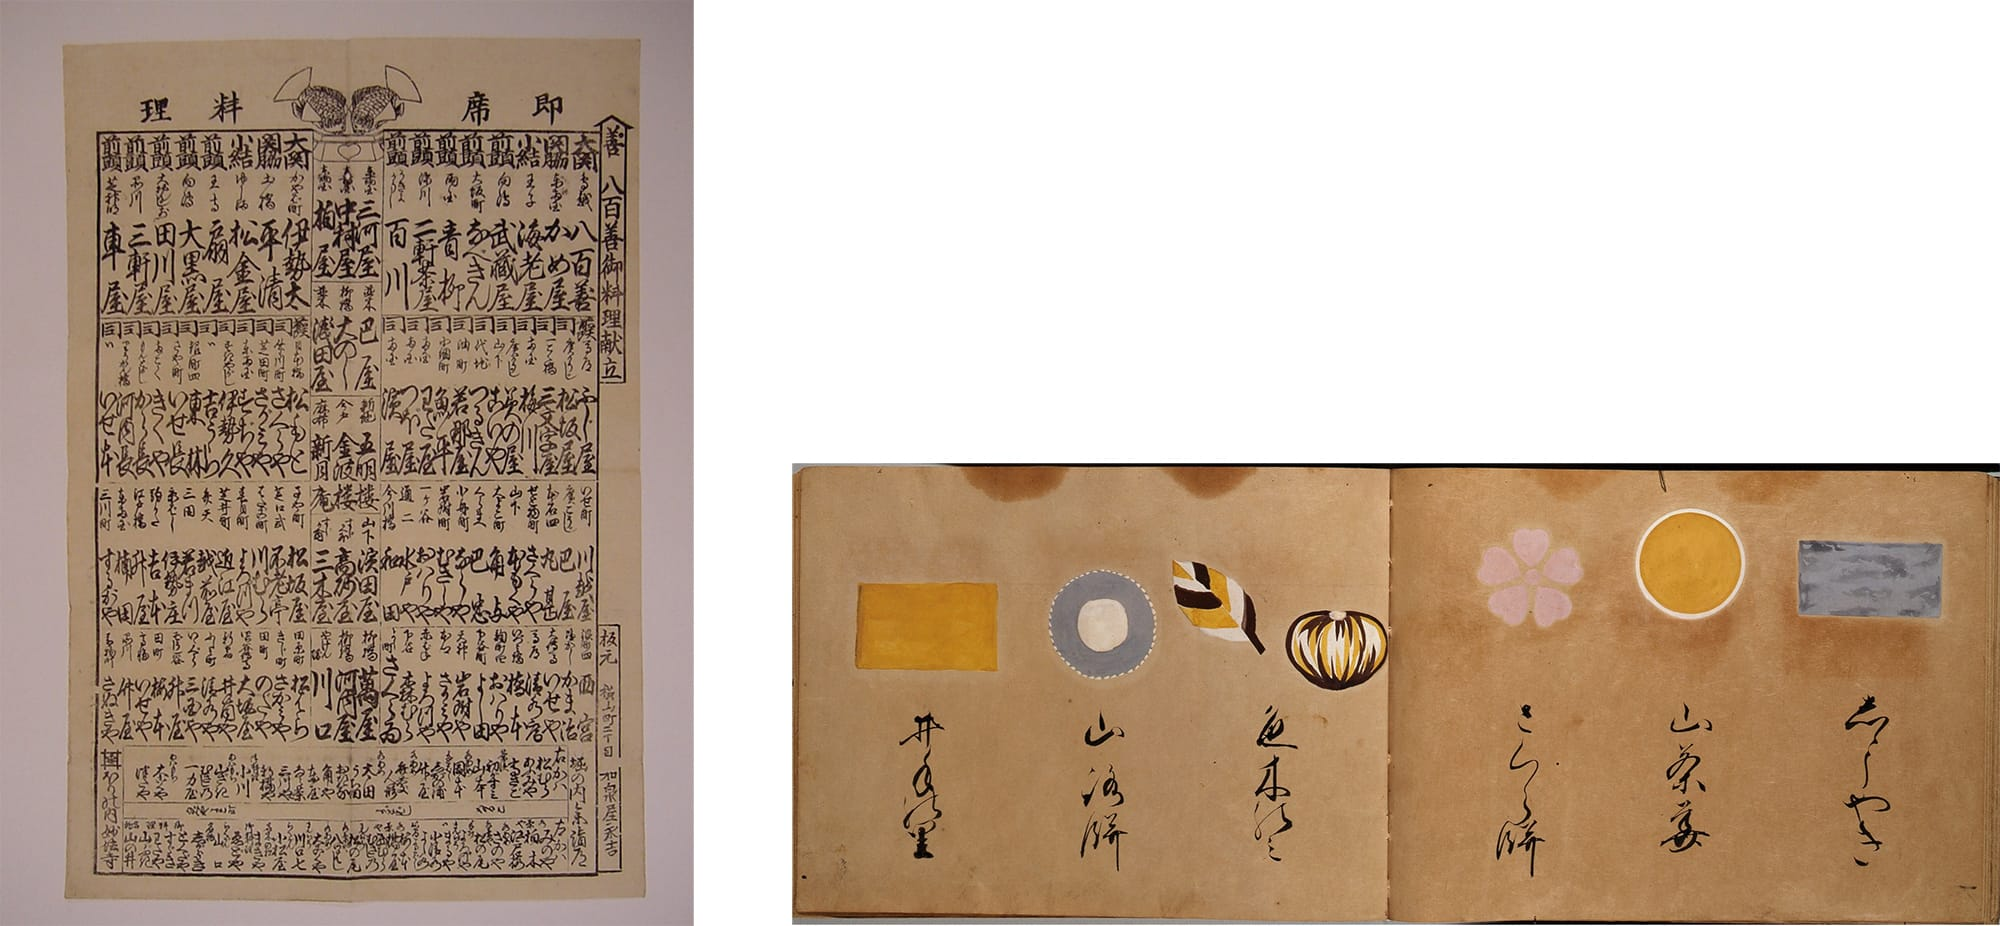 左:江戸時代後期 東京家政学院大学付属図書館大江文庫蔵。右:「元禄御菓子之畫圖」虎屋黒川家文書 虎屋文庫蔵